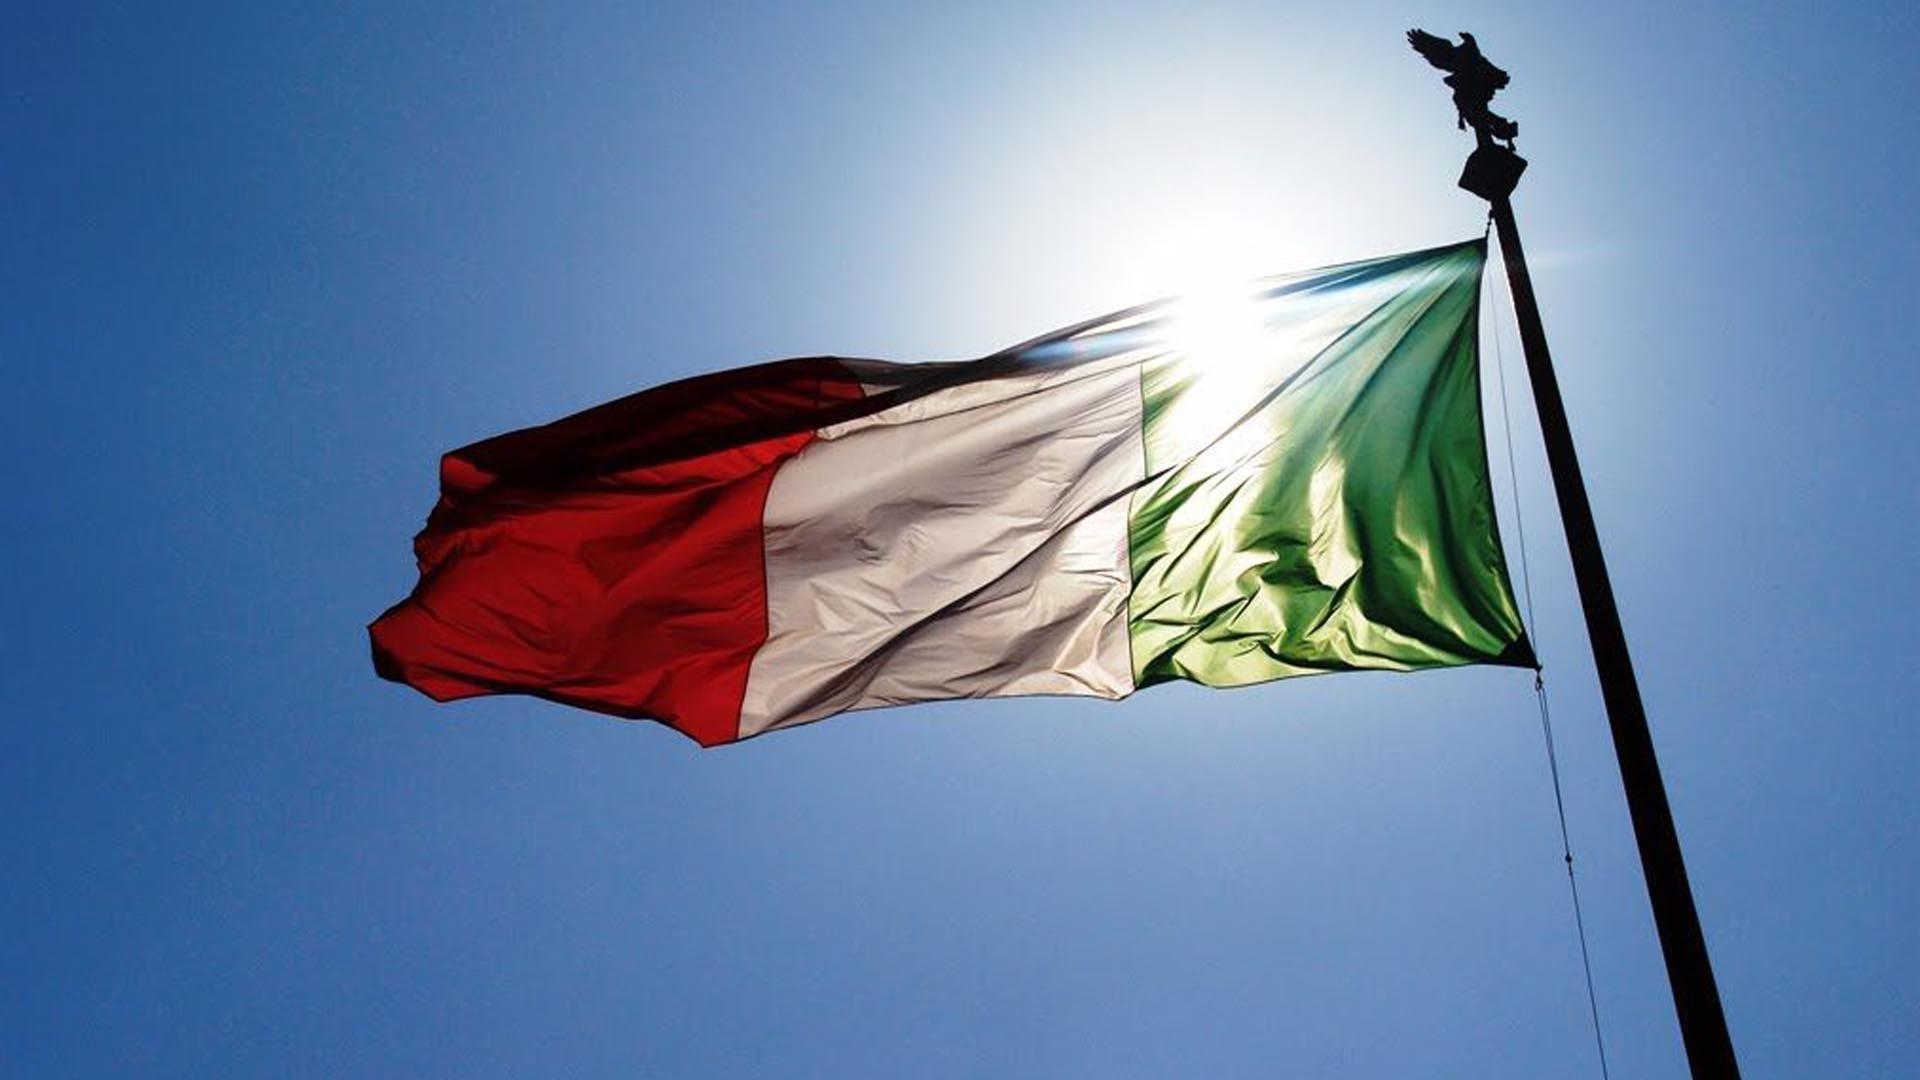 tricolore italiano storia